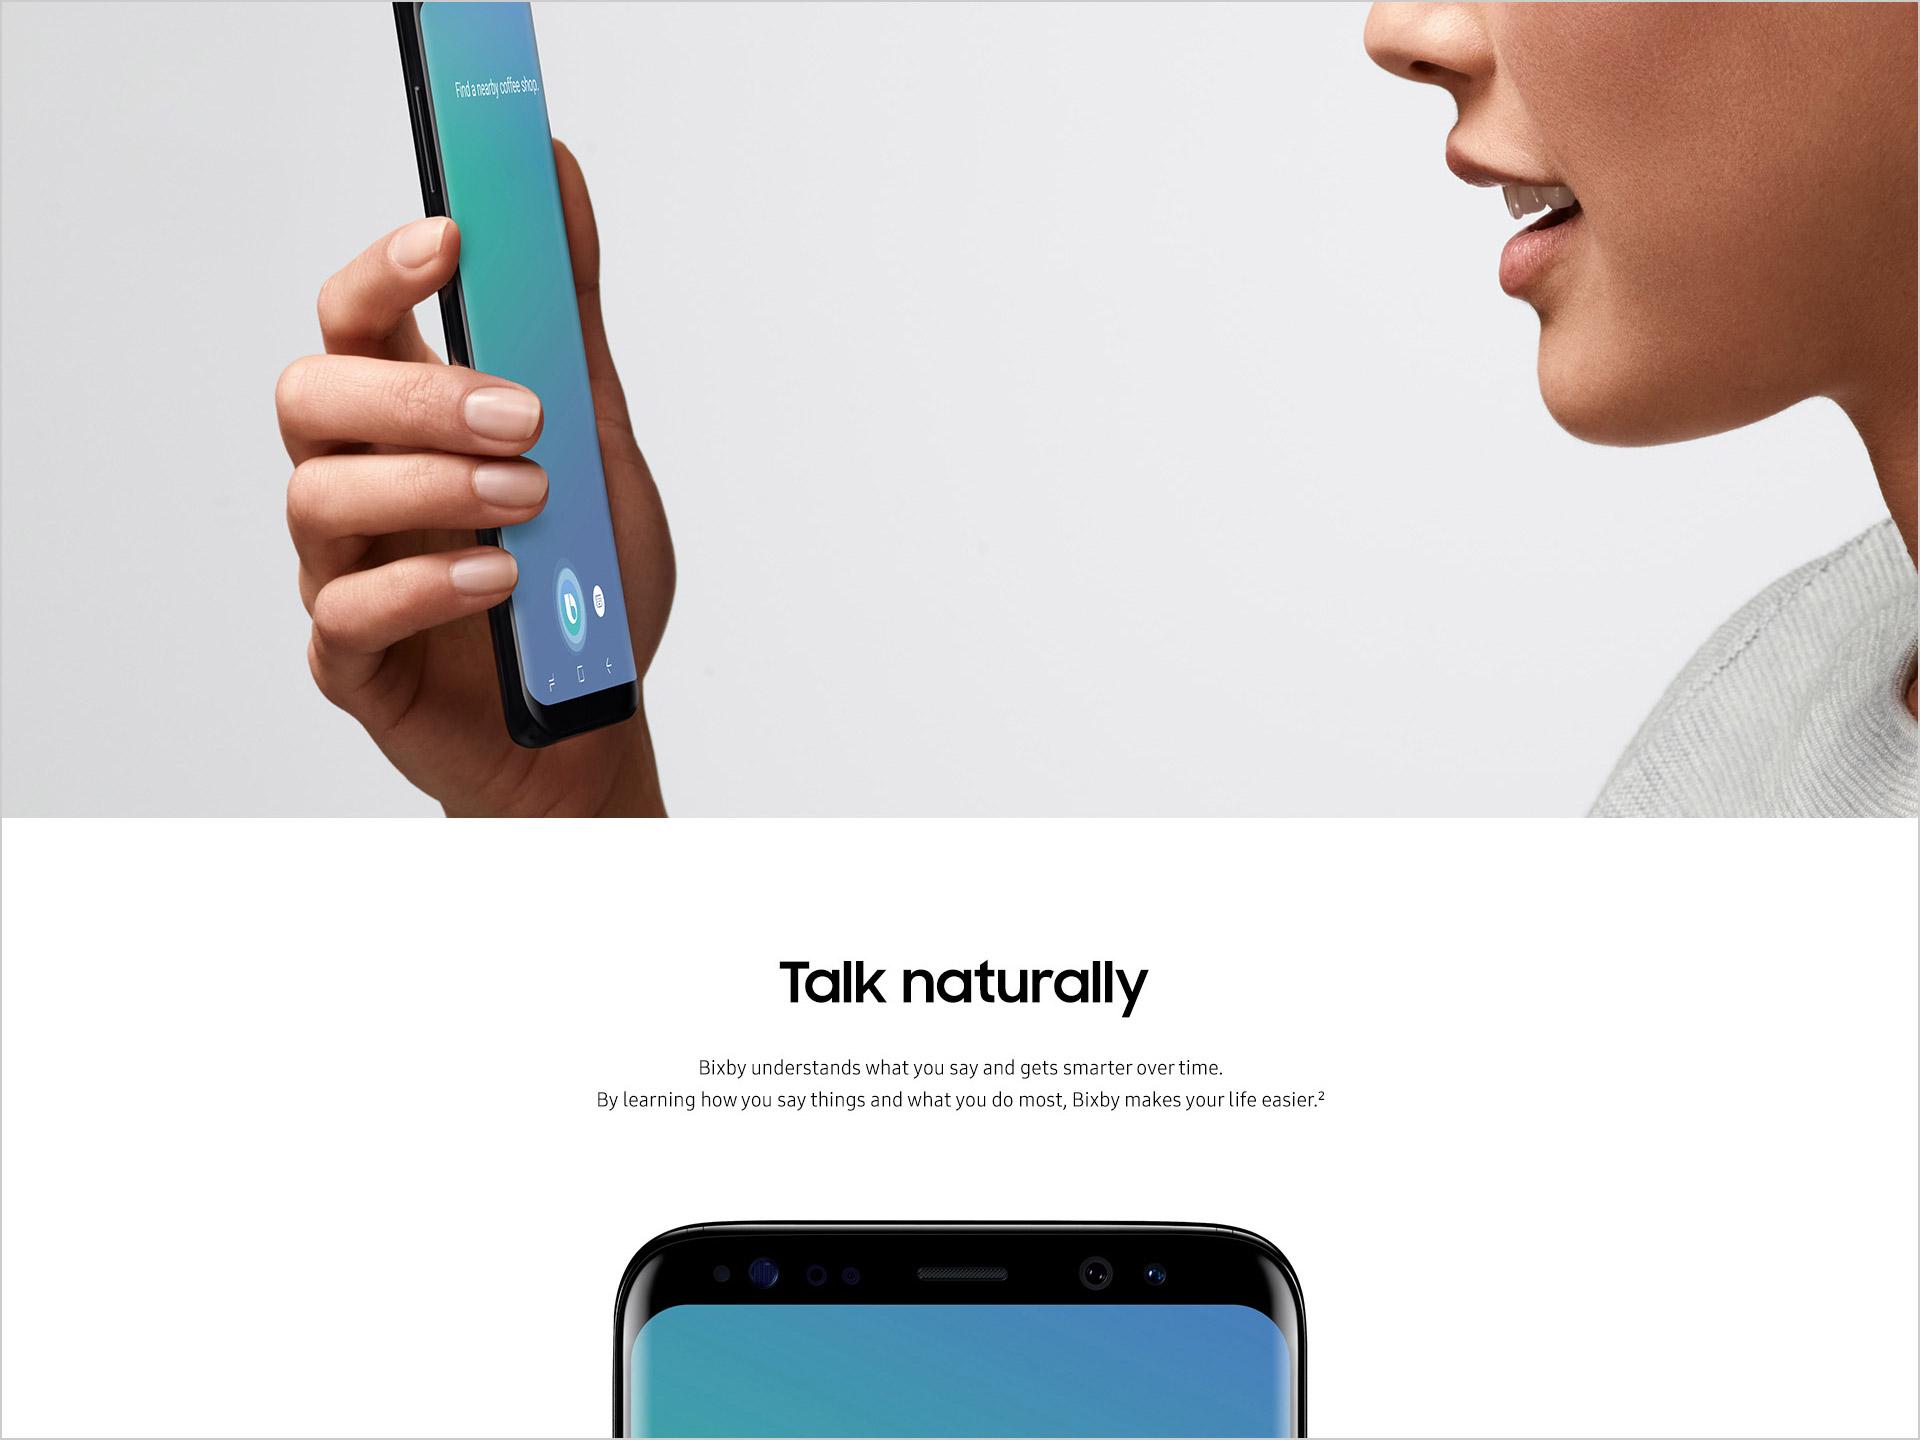 Samsung_Galaxy_S8_Web_Bixby_4.jpg